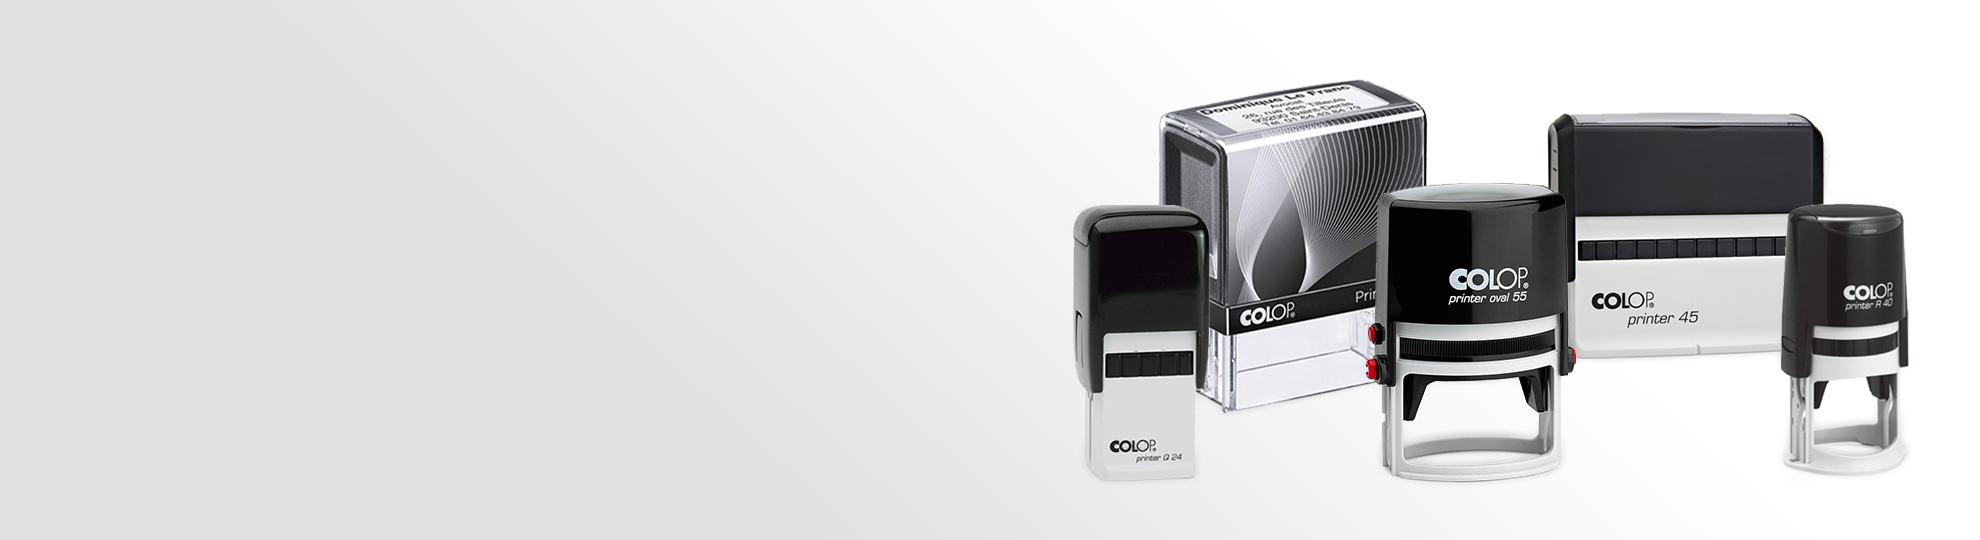 Imprimer Tampon standard